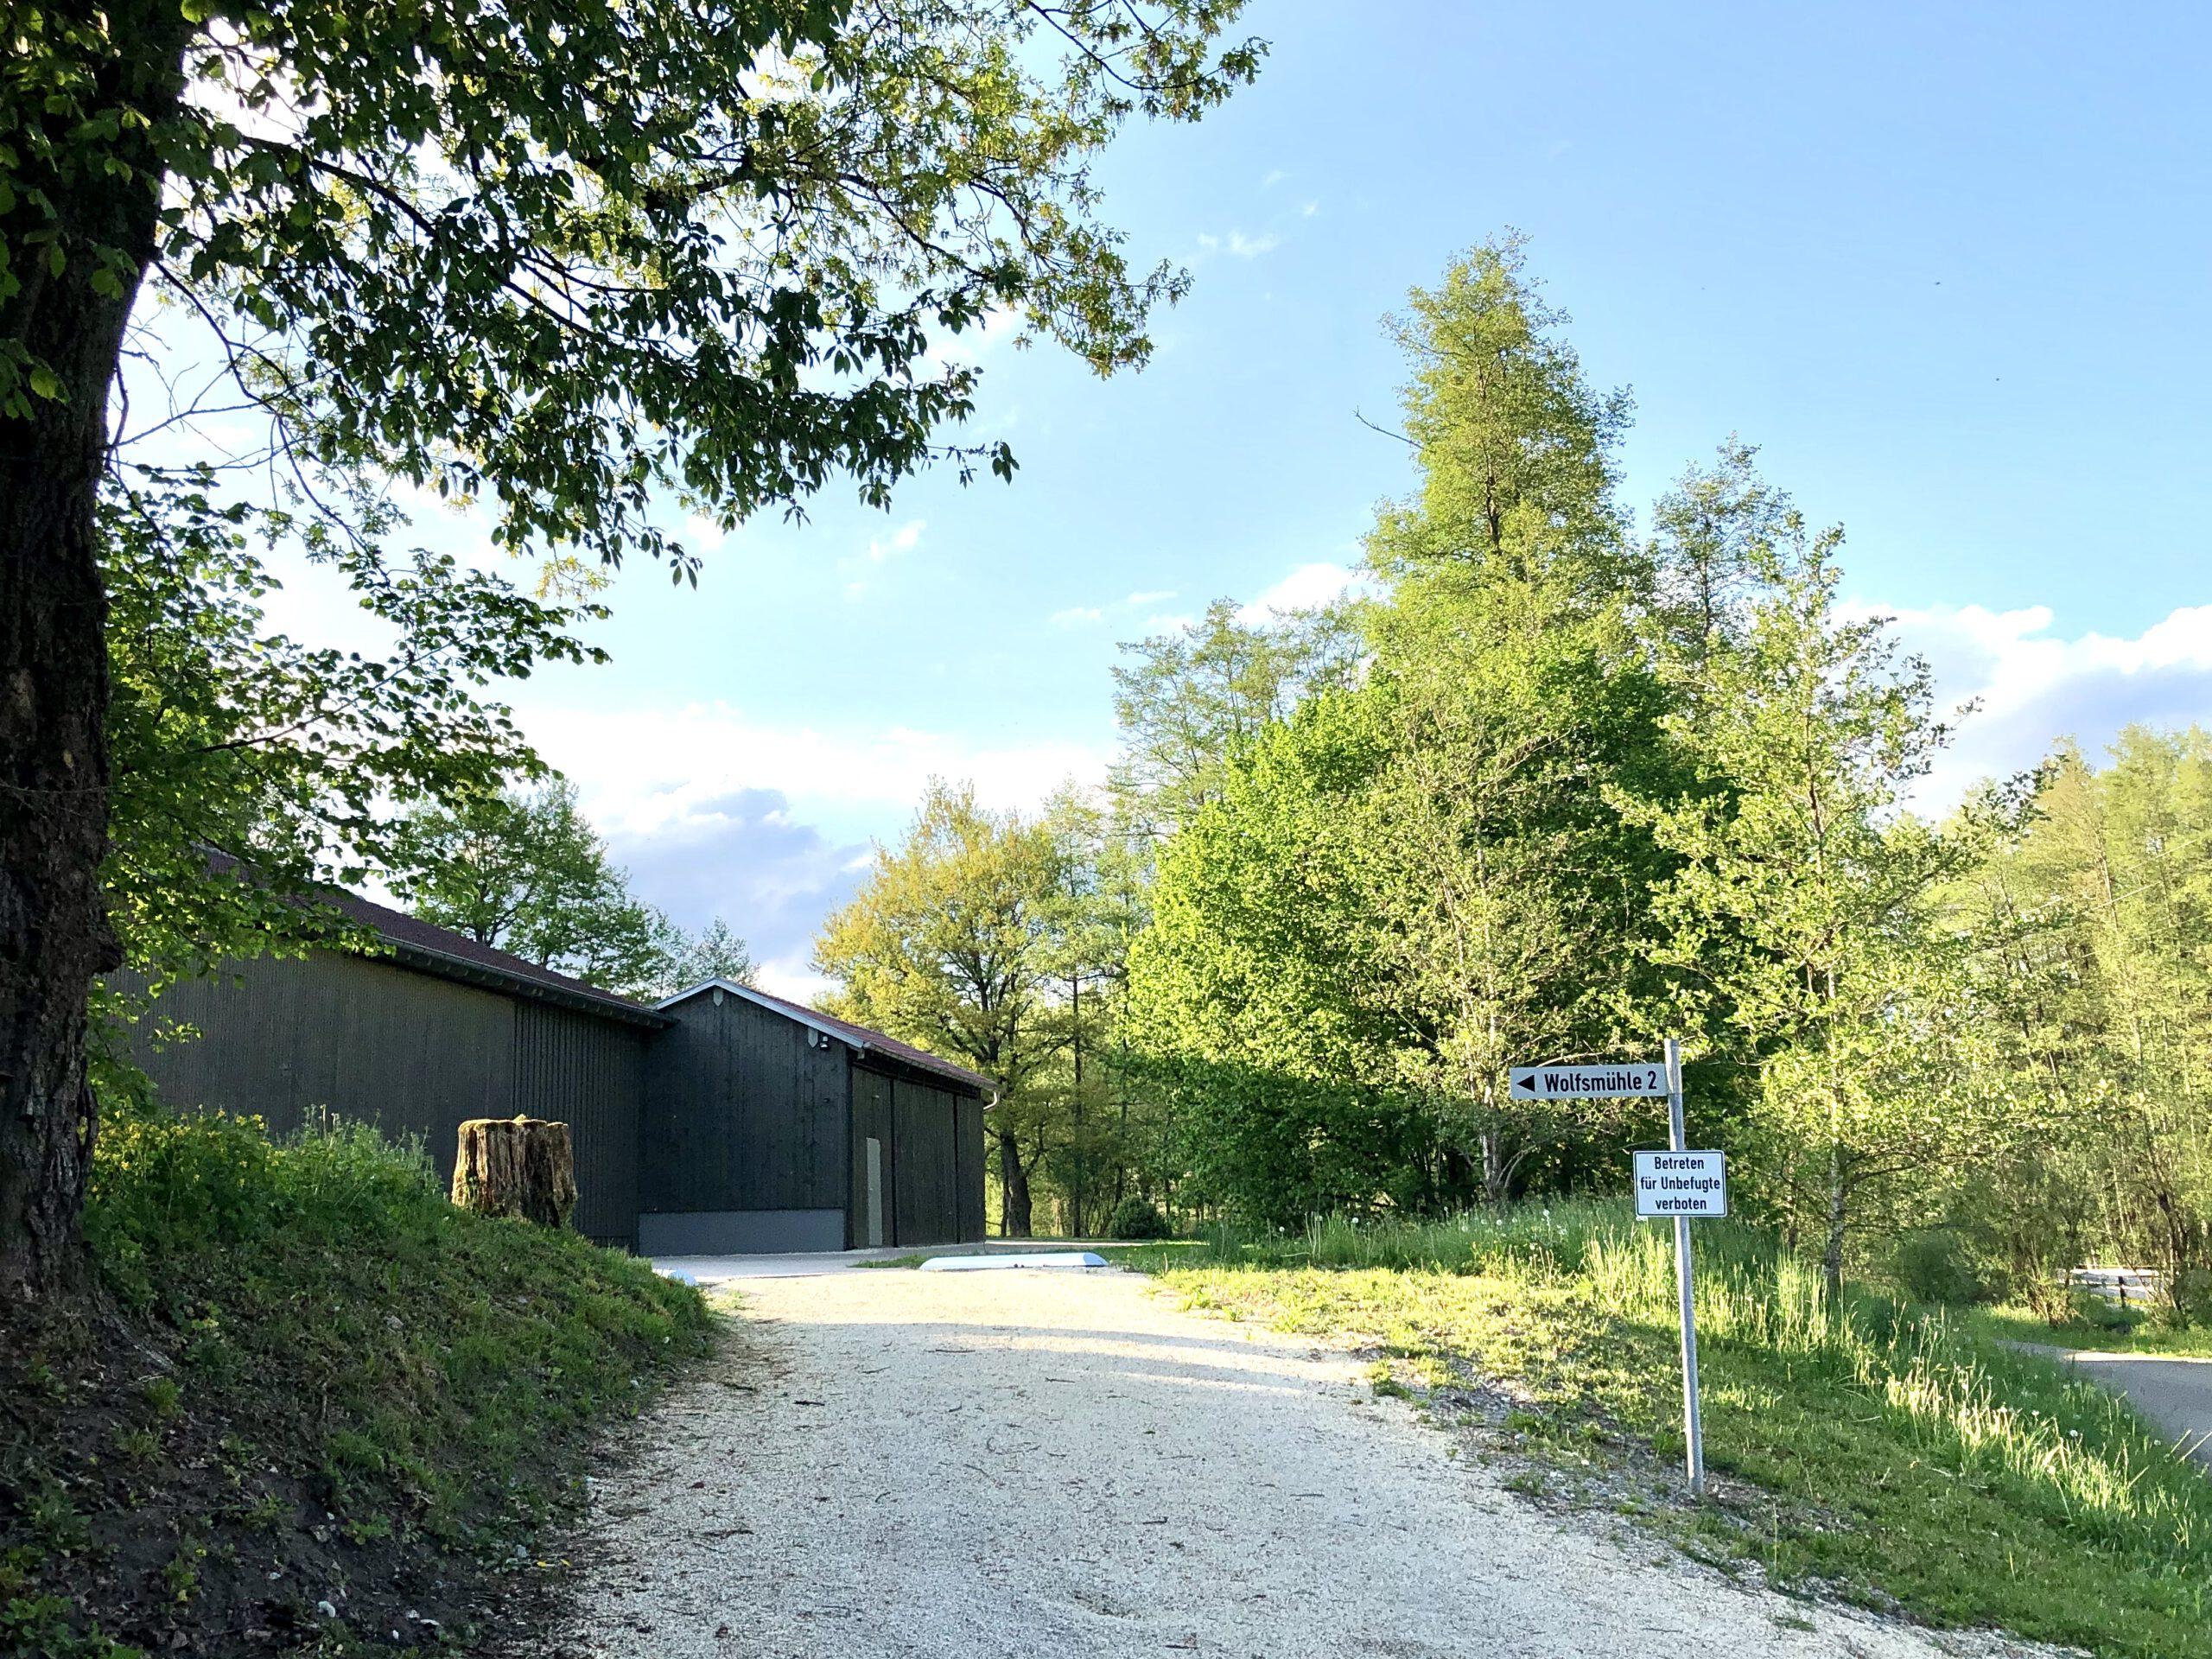 Auffahrt Wolfsmühle 2, Ferienhaus Welzheimer Wald